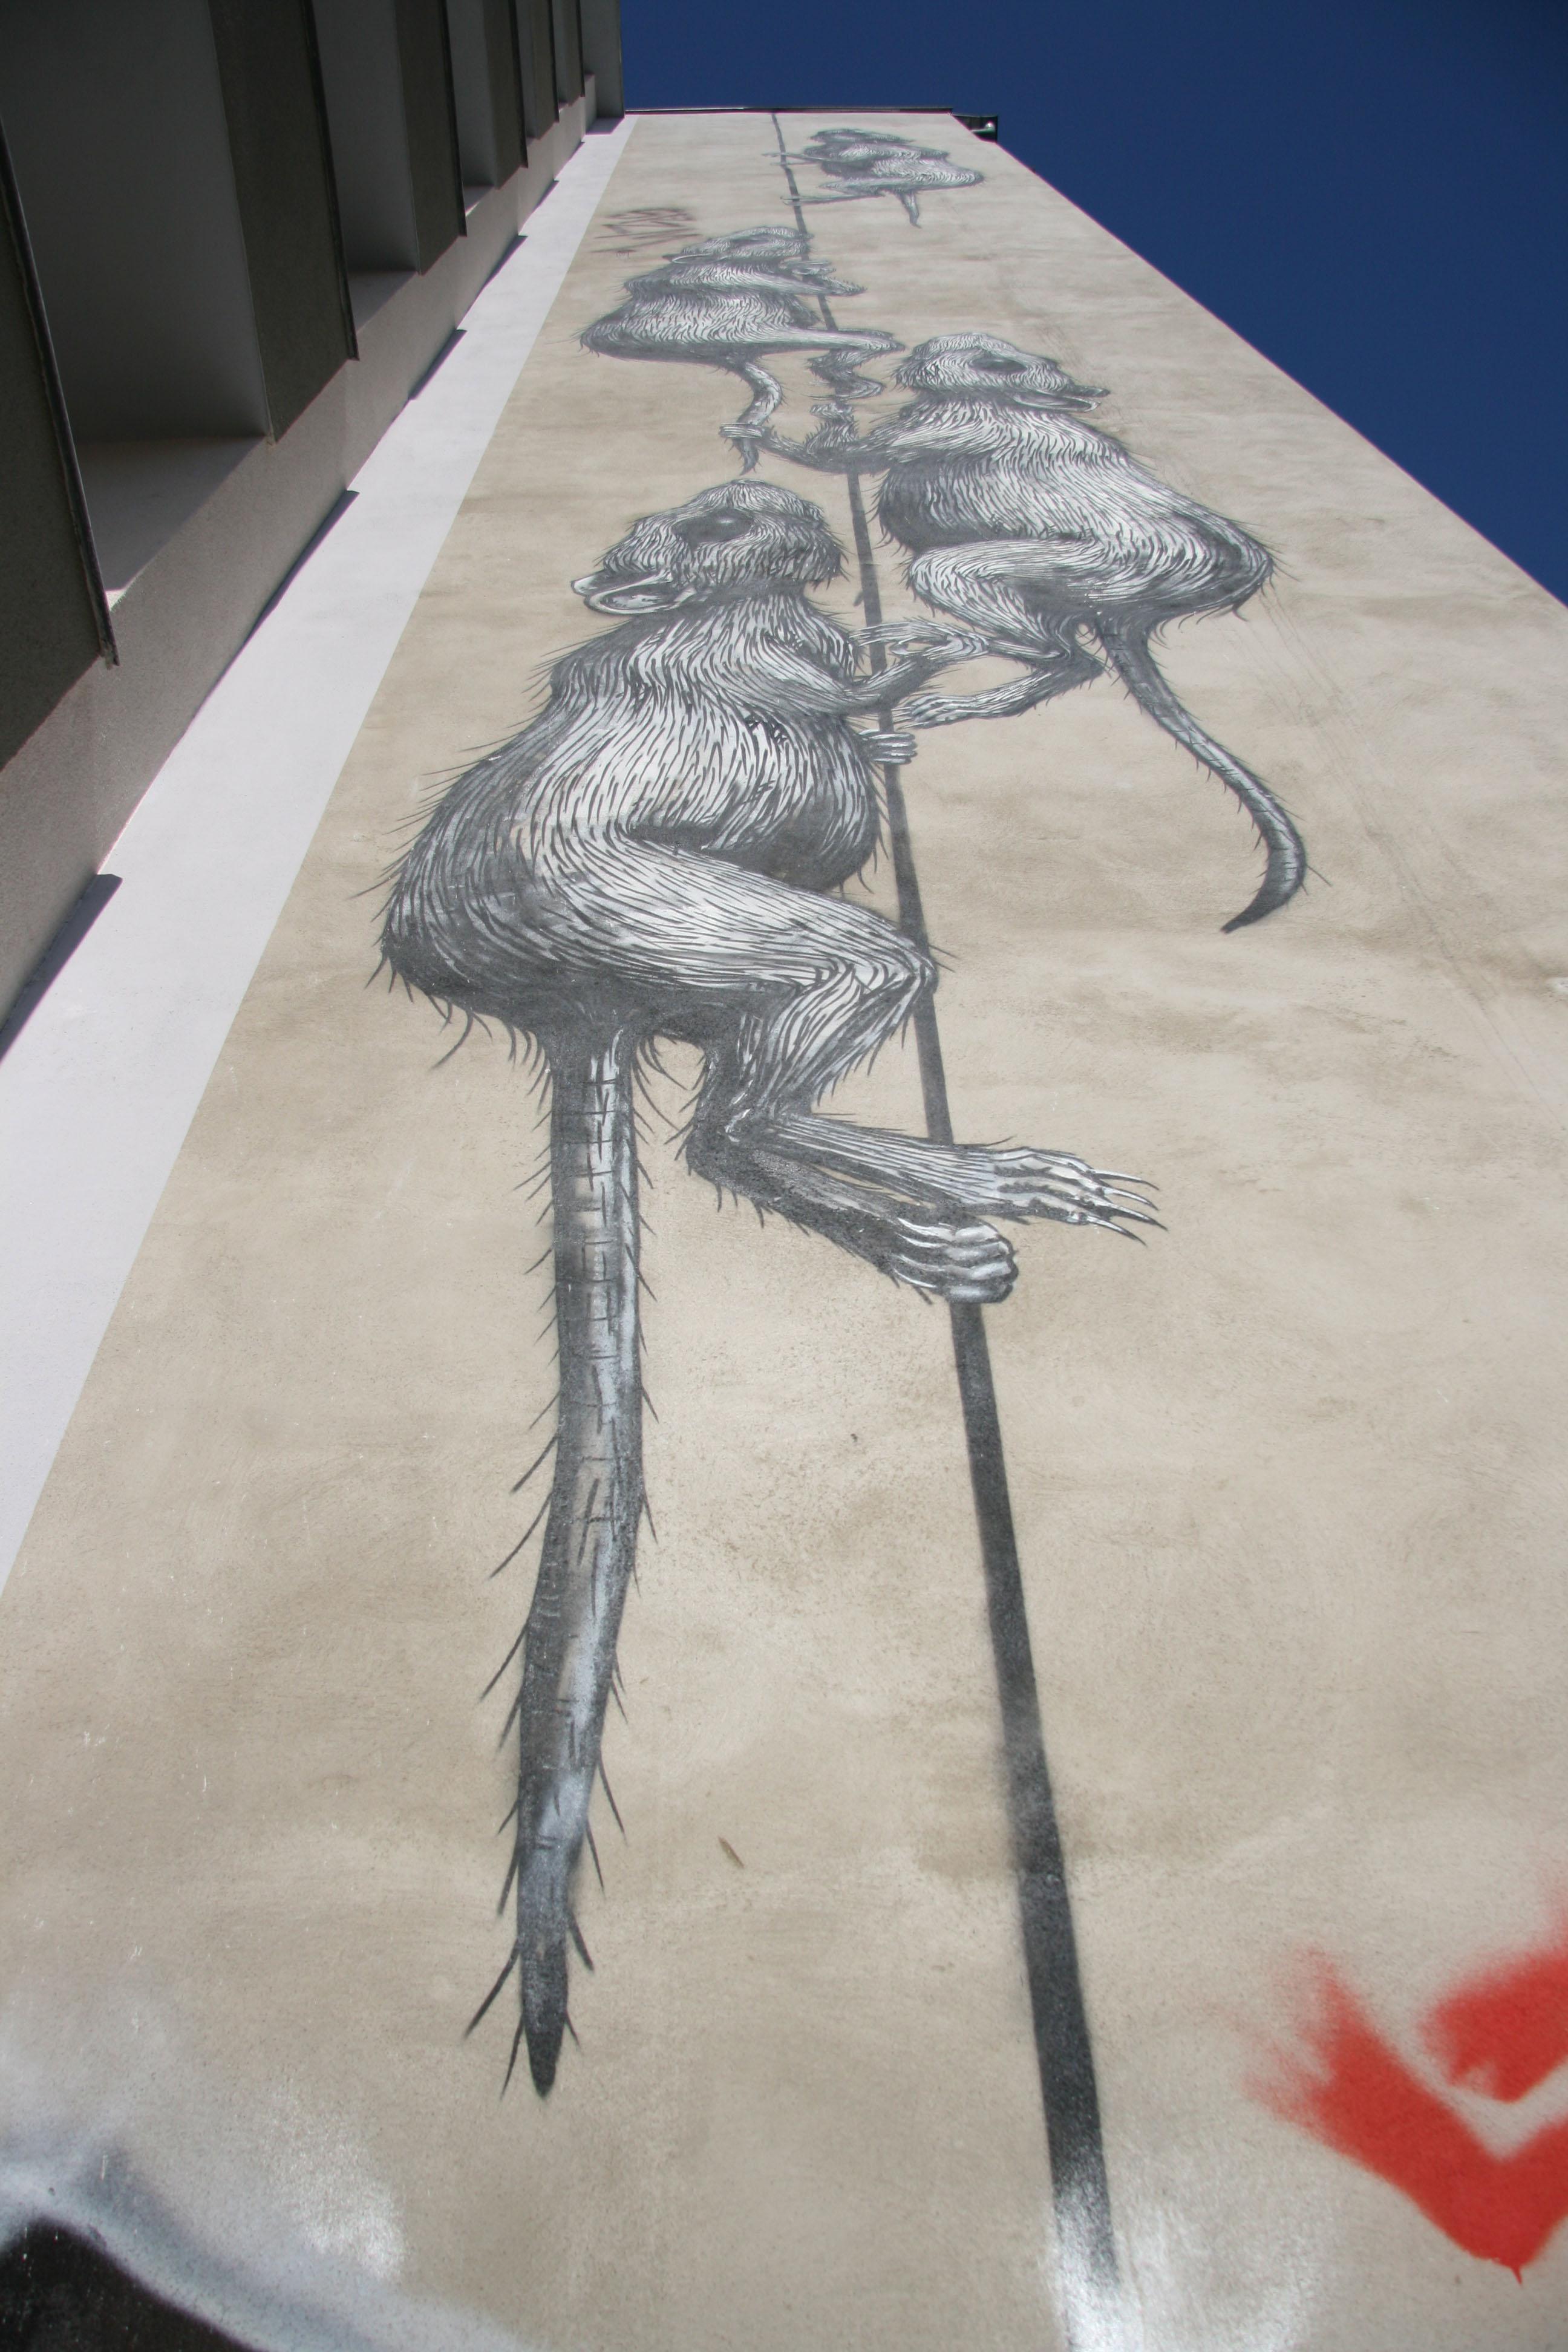 Rats: Street Art by ROA in Berlin's Prenzlauer Berg seen from below